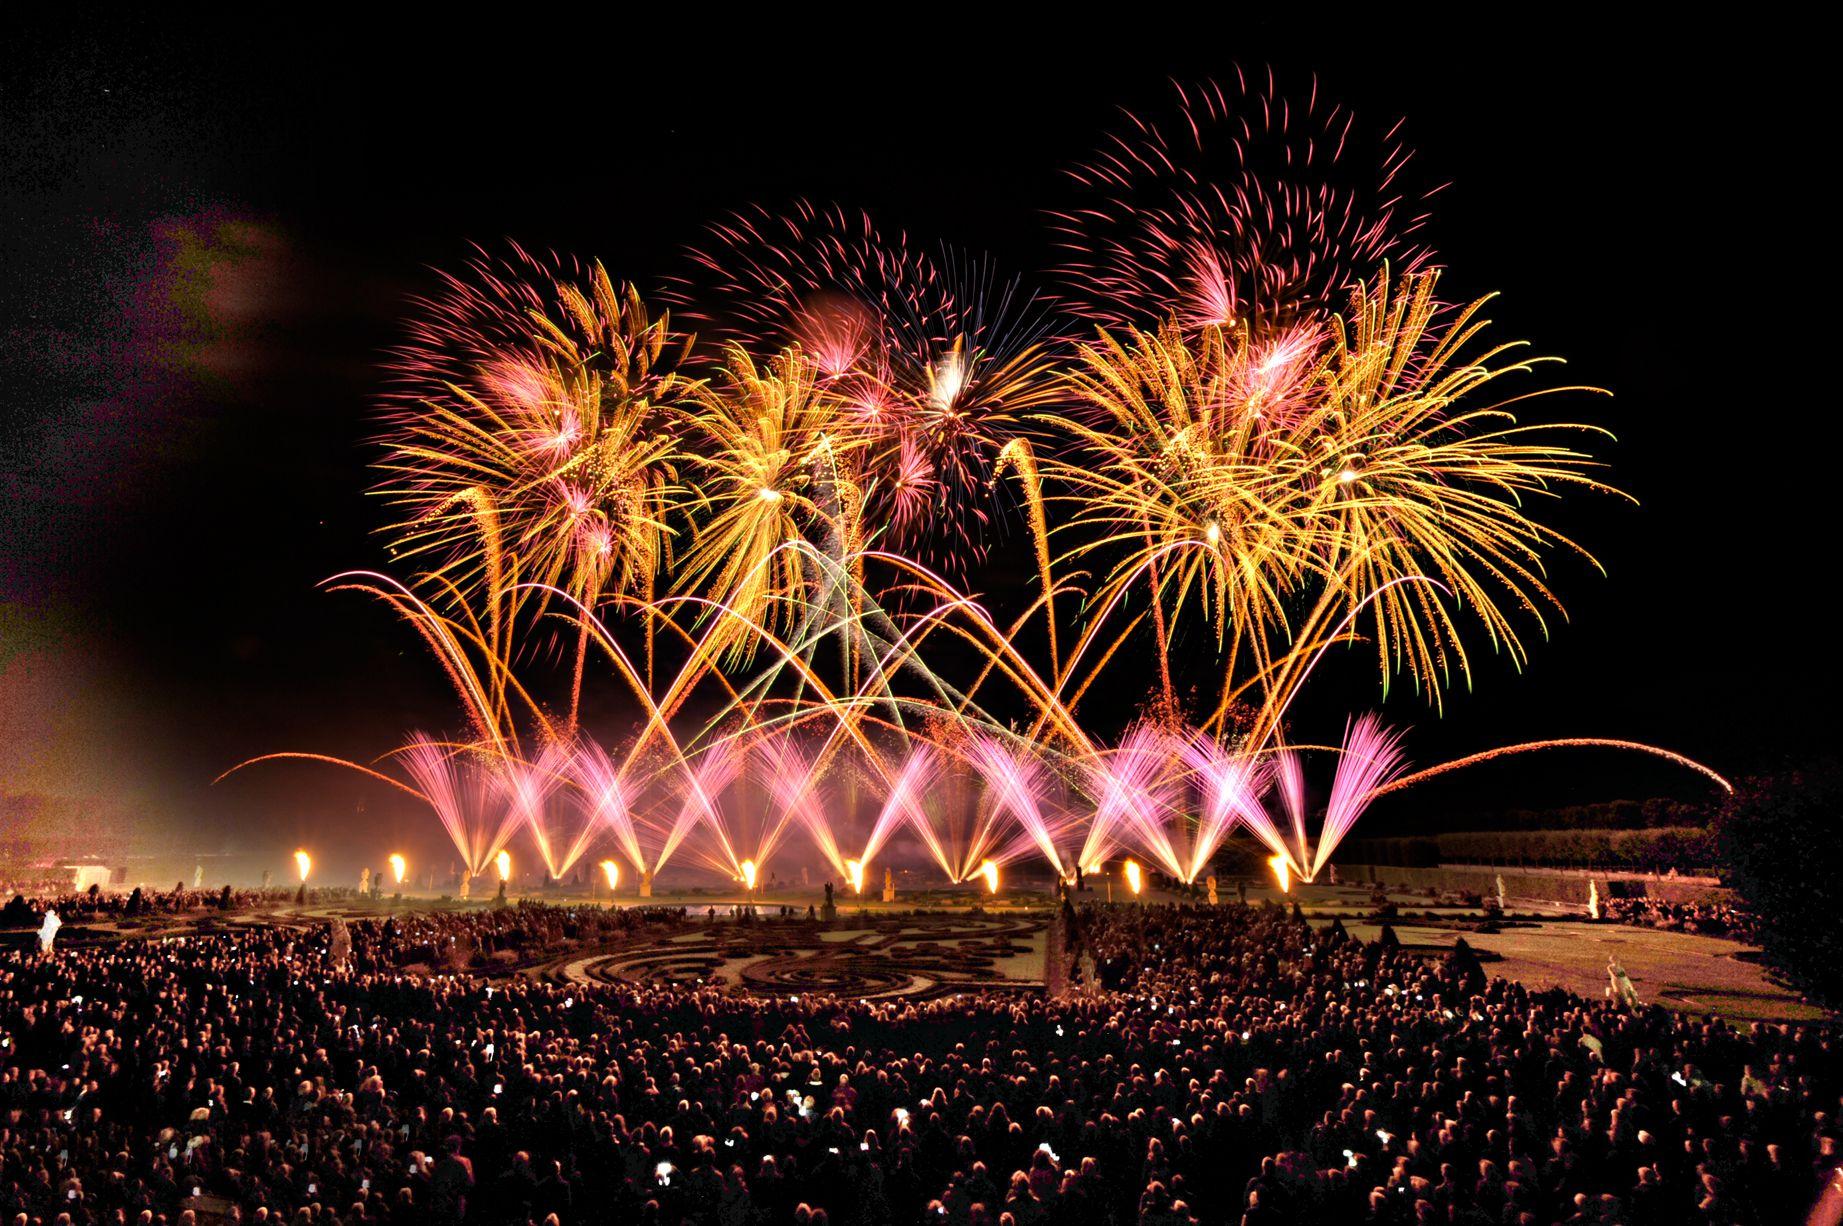 Internationaler Feuerwerkswettbewerb Vor Der Einzigartigen Kulisse Der Herrenhauser Garten In Hannover C Hassan Mahramzadeh H Feuerwerk Hannover Veranstaltung